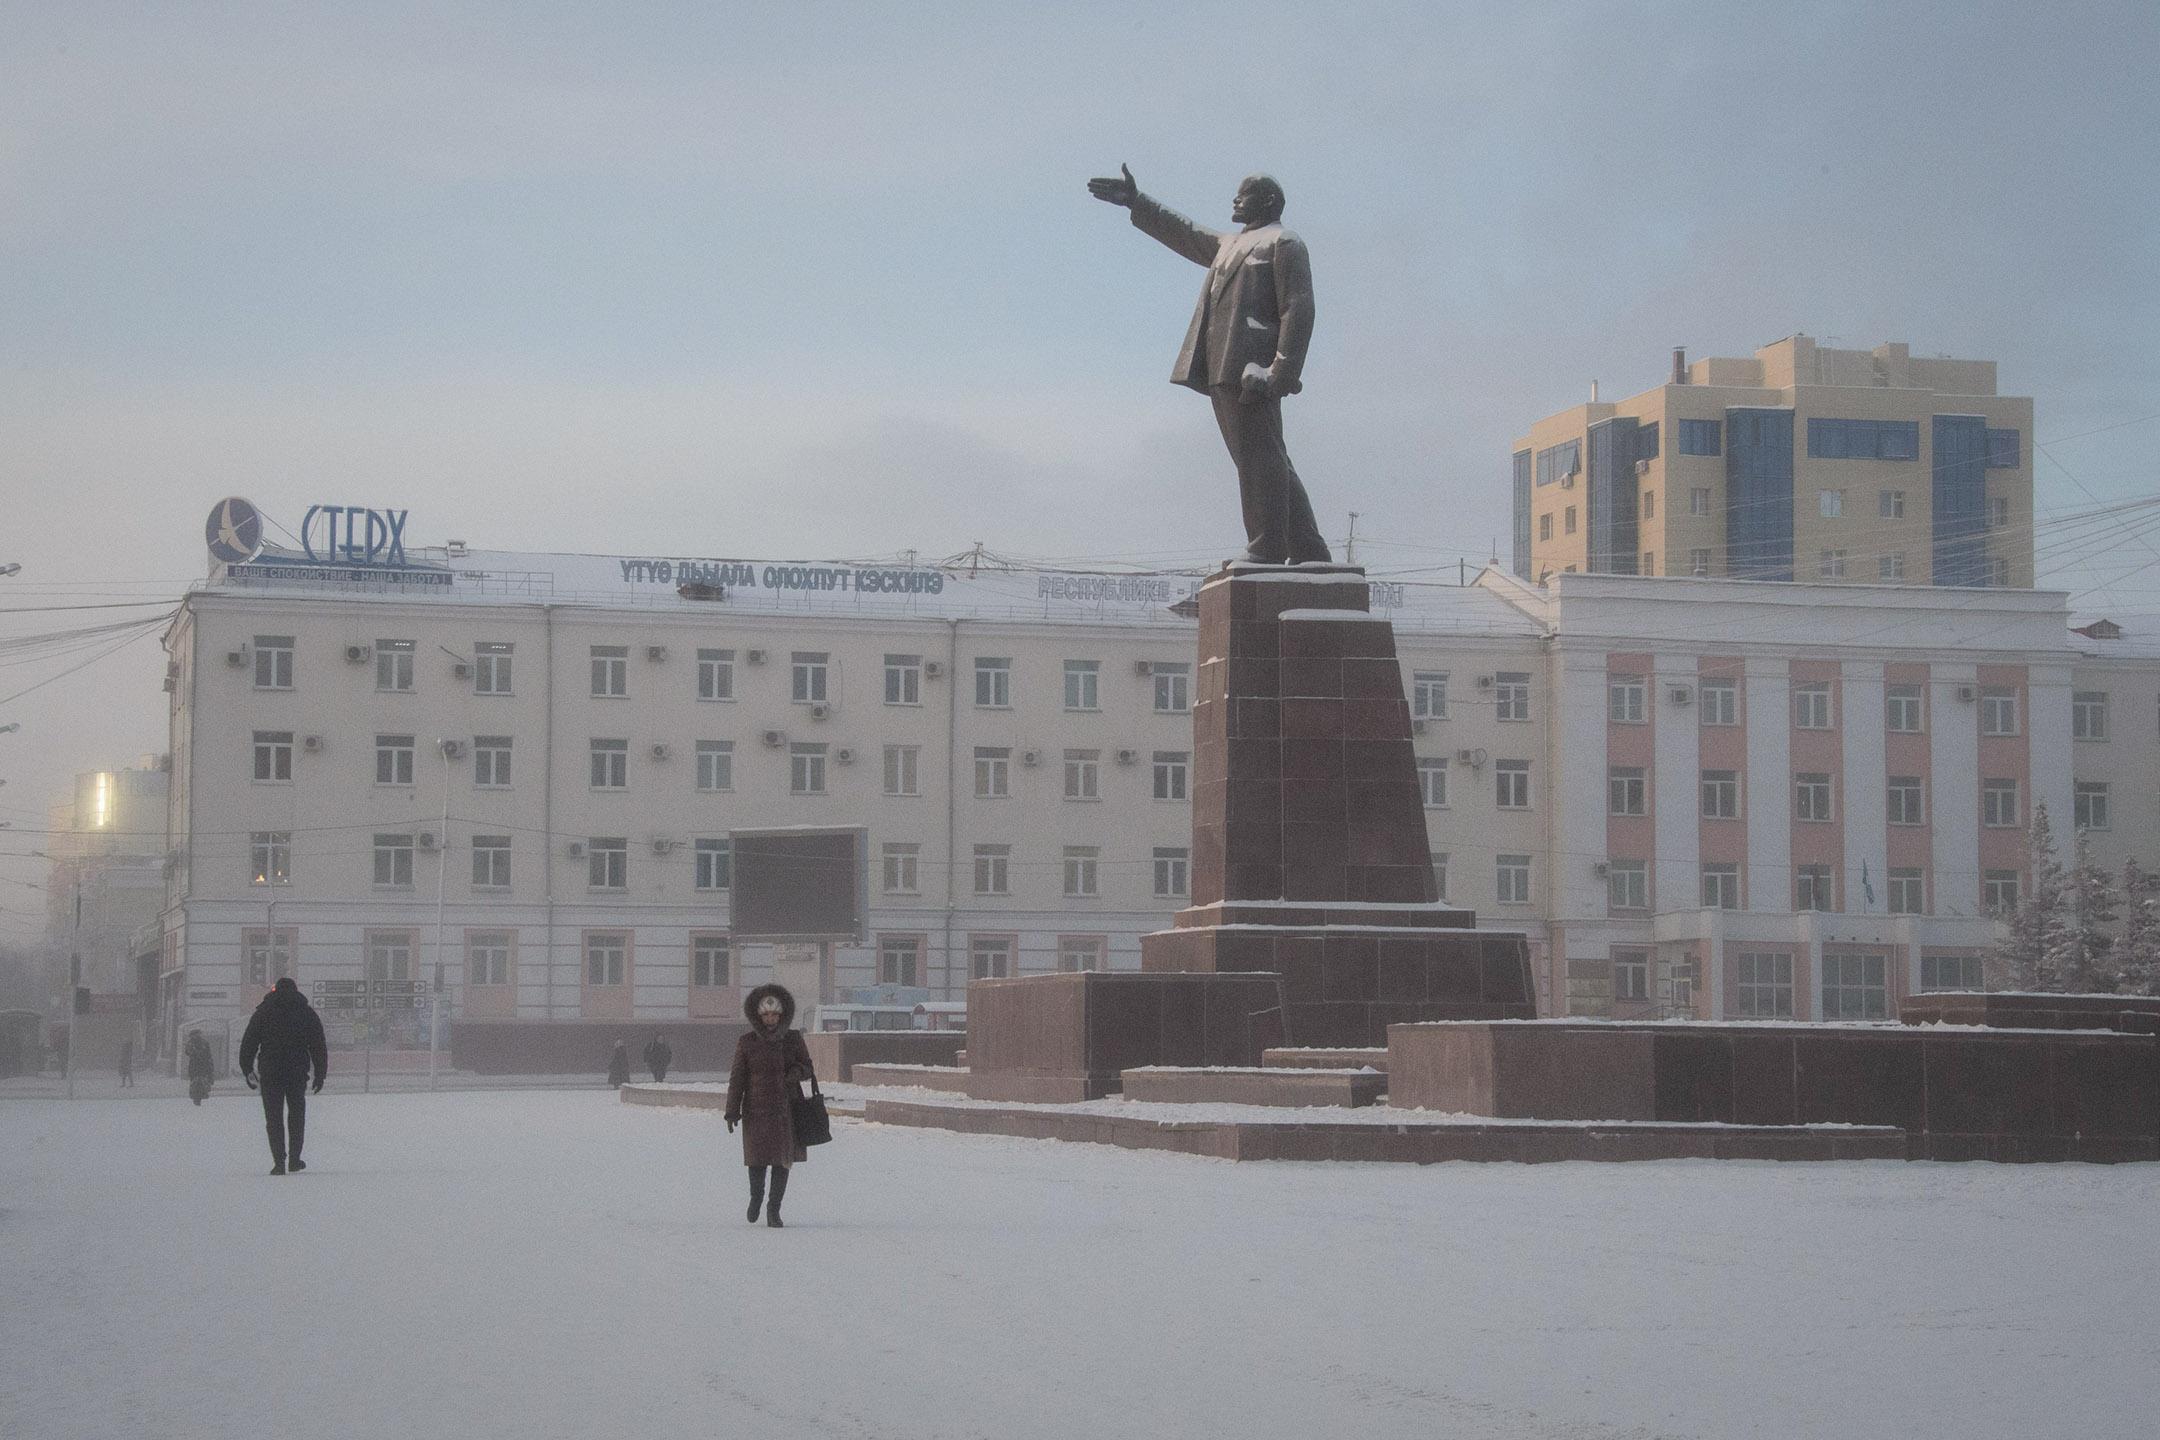 2018年11月26日,氣溫在零下35攝氏度,市民走過位西伯利亞東部城市雅庫茨克的列寧紀念碑。 攝:Mladen Antonov/AFP via Getty Images